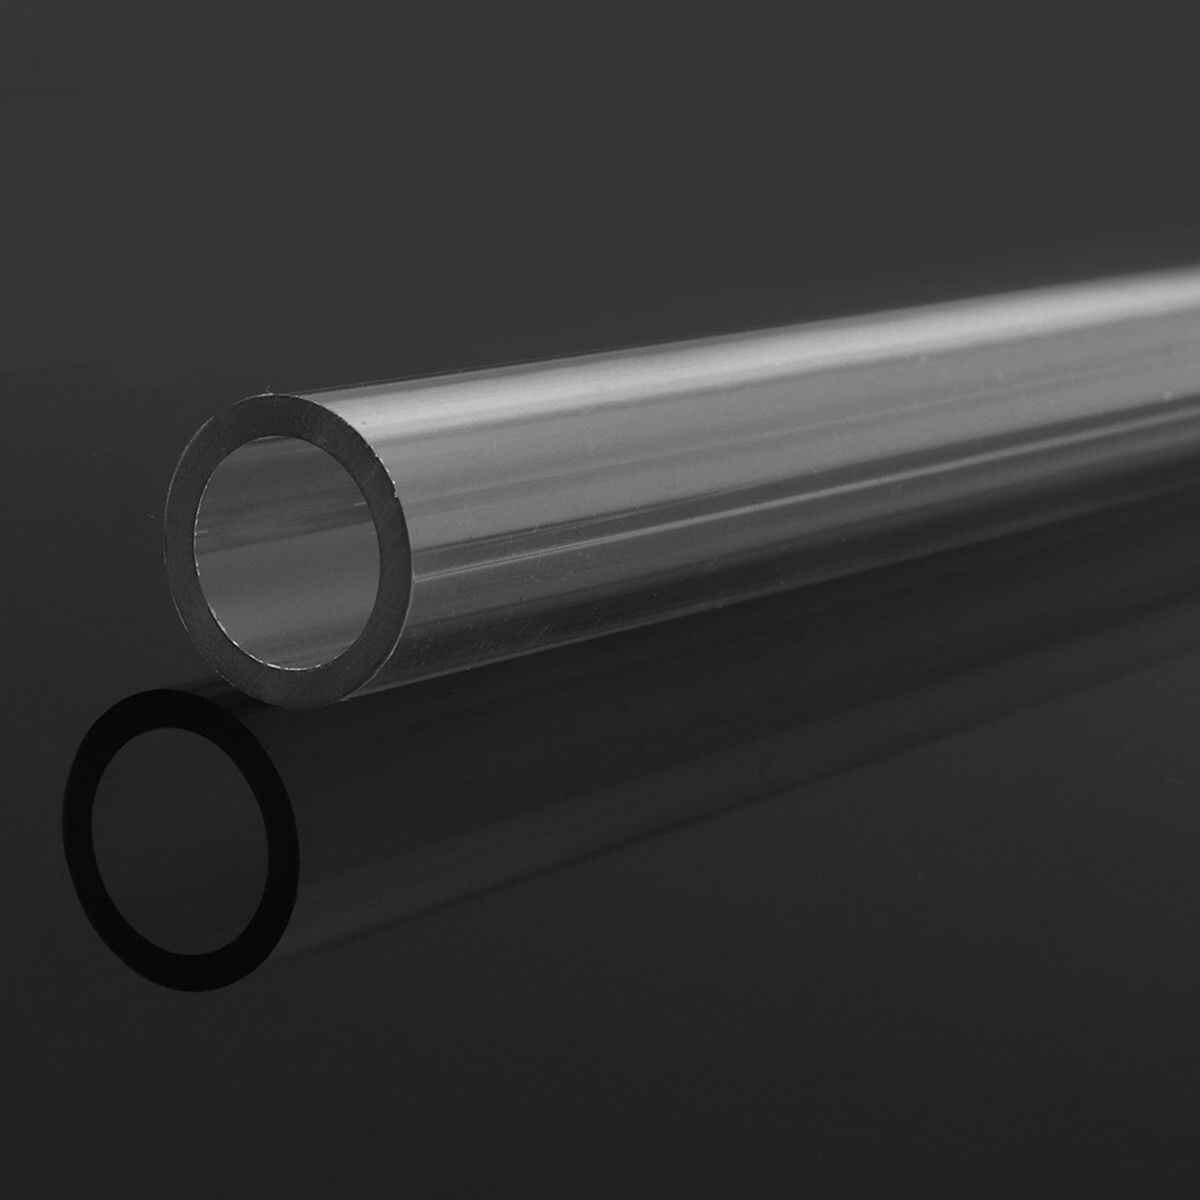 4Pcs 50 CENTIMETRI Trasparente PETG Tubi Duro Rigido Tubi 10mm/14mm Trasparente di Curvatura Tubi Tubo Duro per acqua computer sistema di raffreddamento